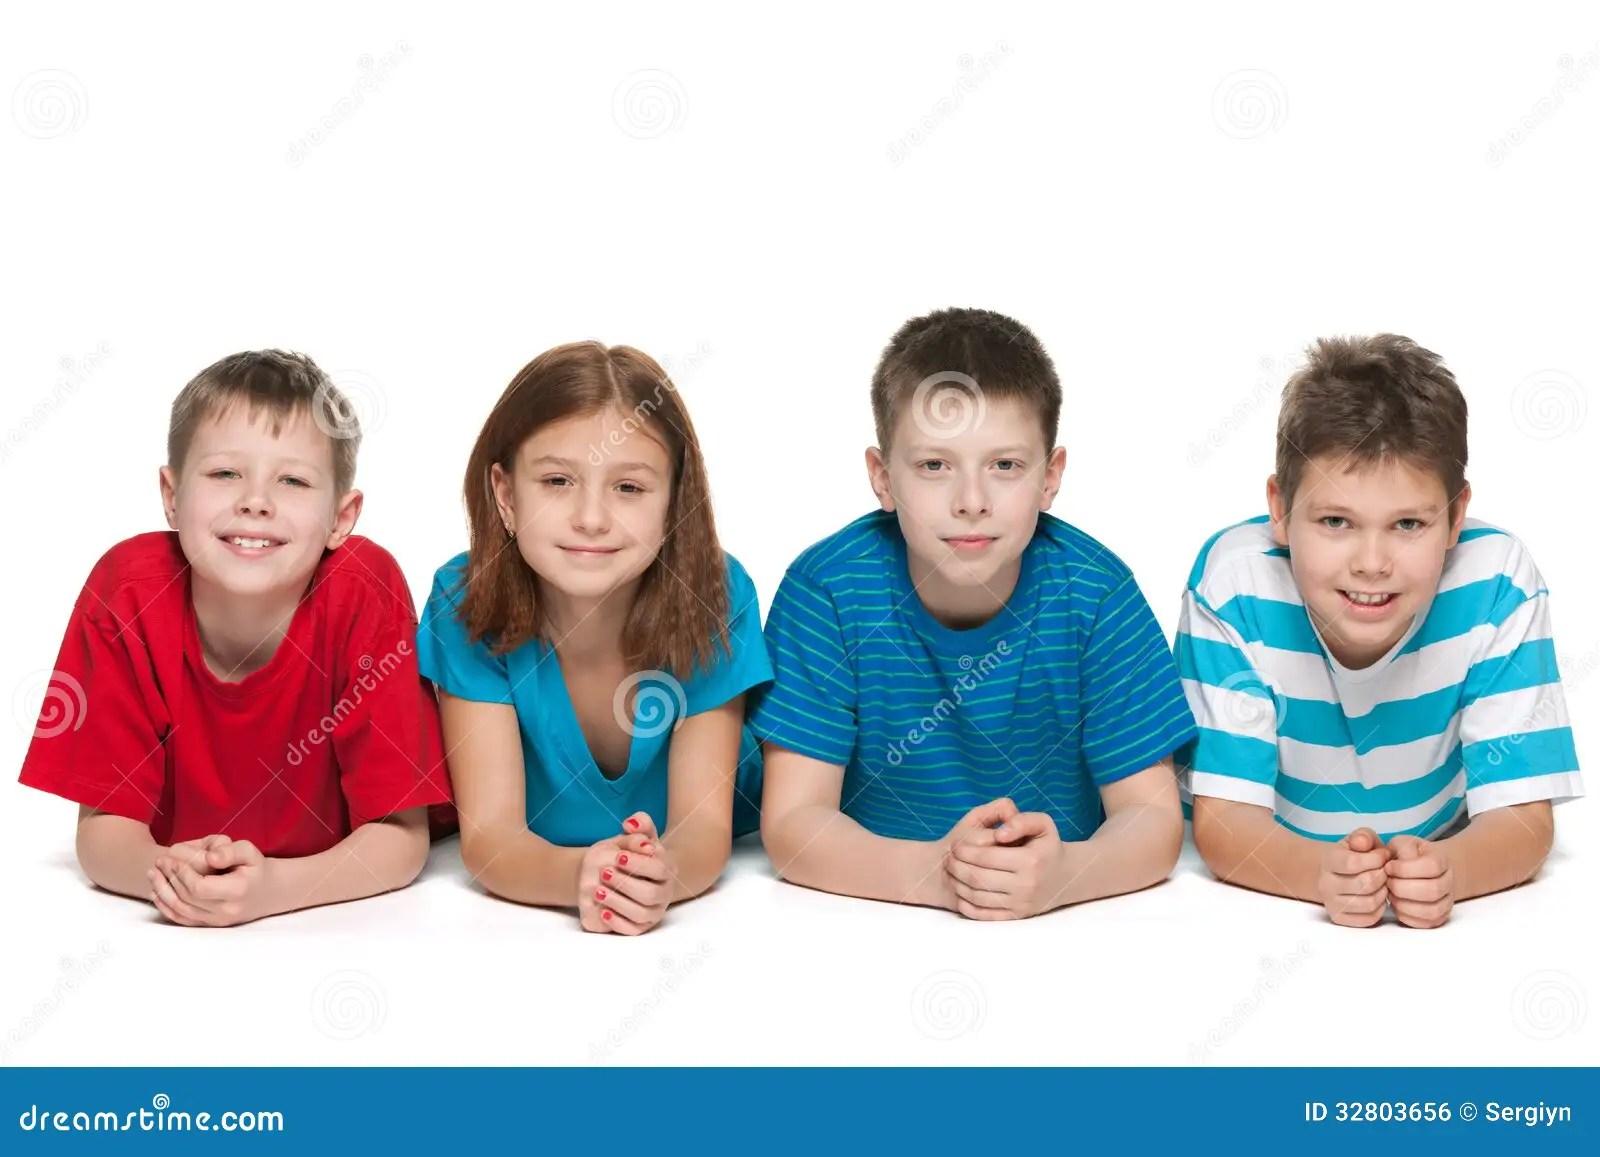 a5e41216a9 Blanco Niños